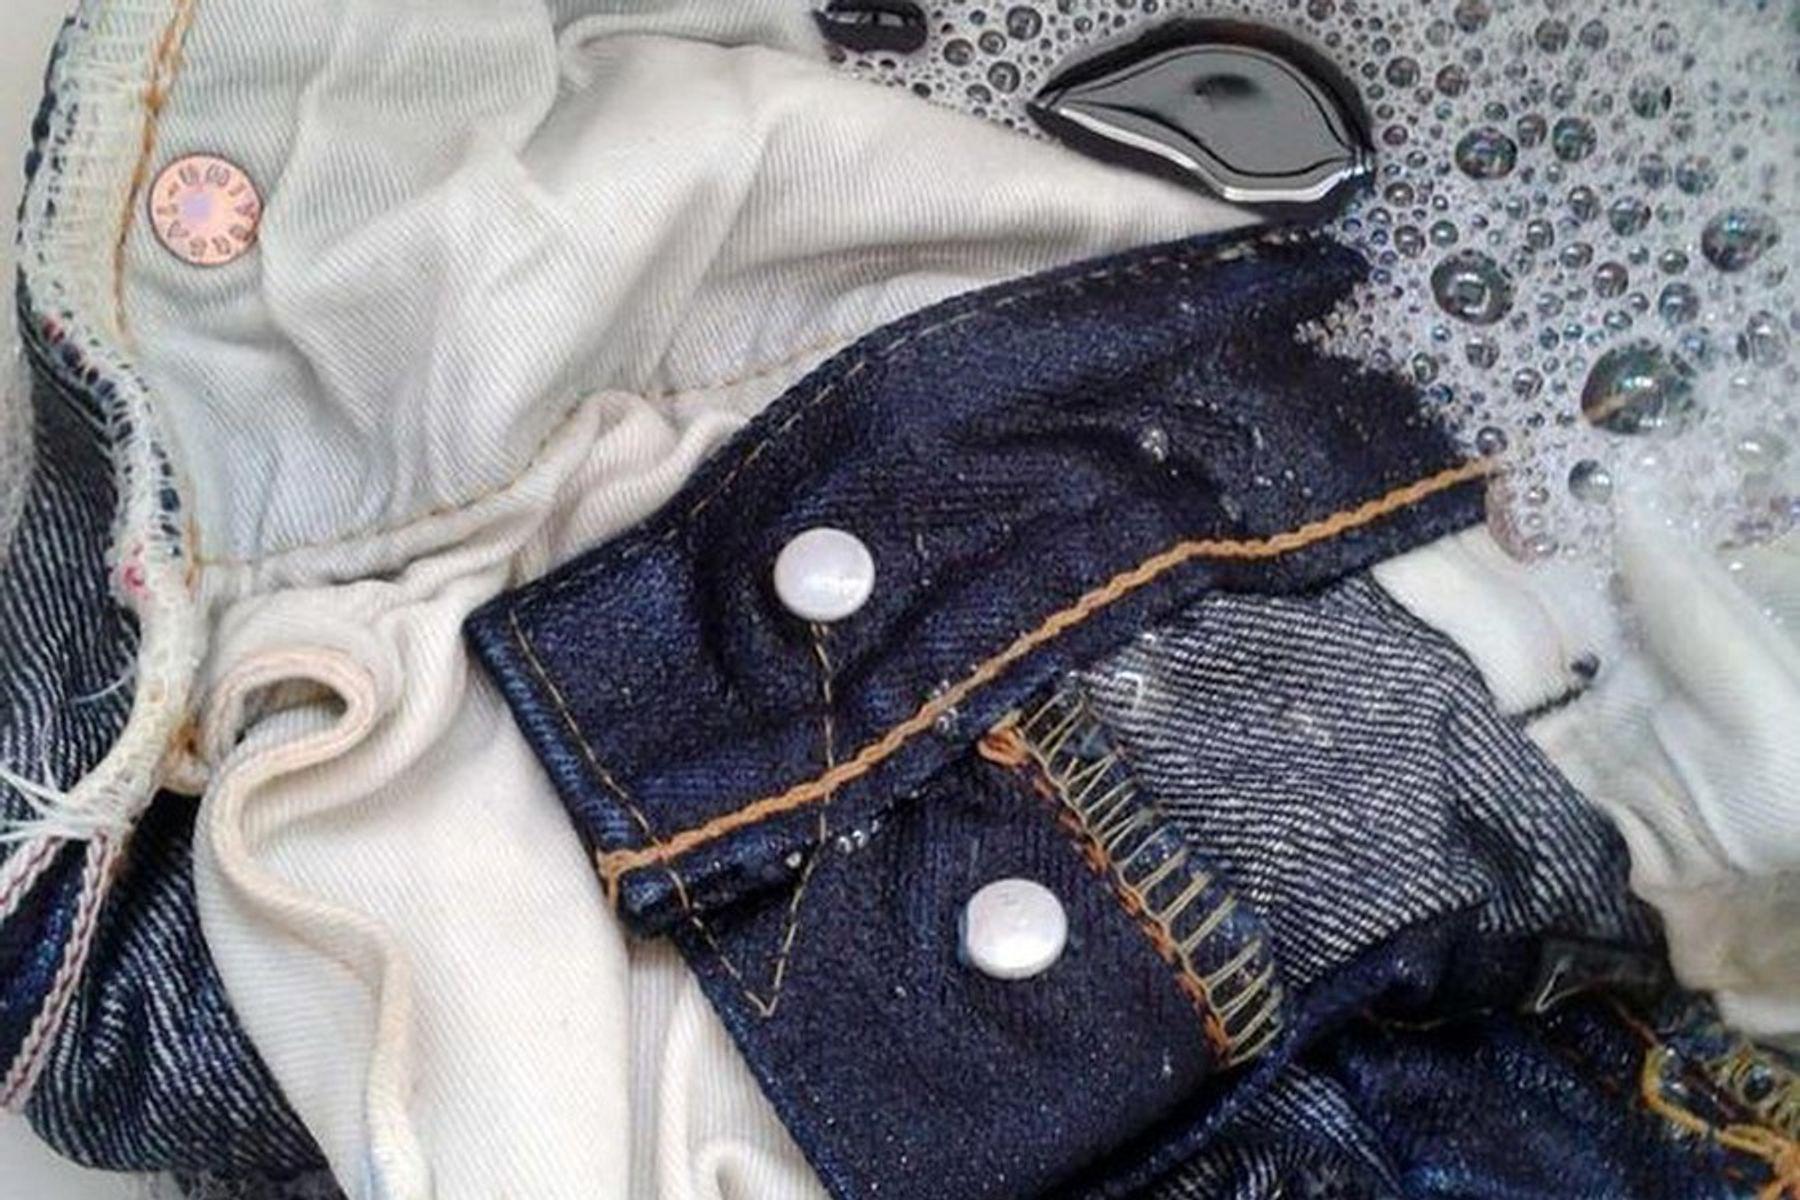 Lộn trái quần jean khi giặt